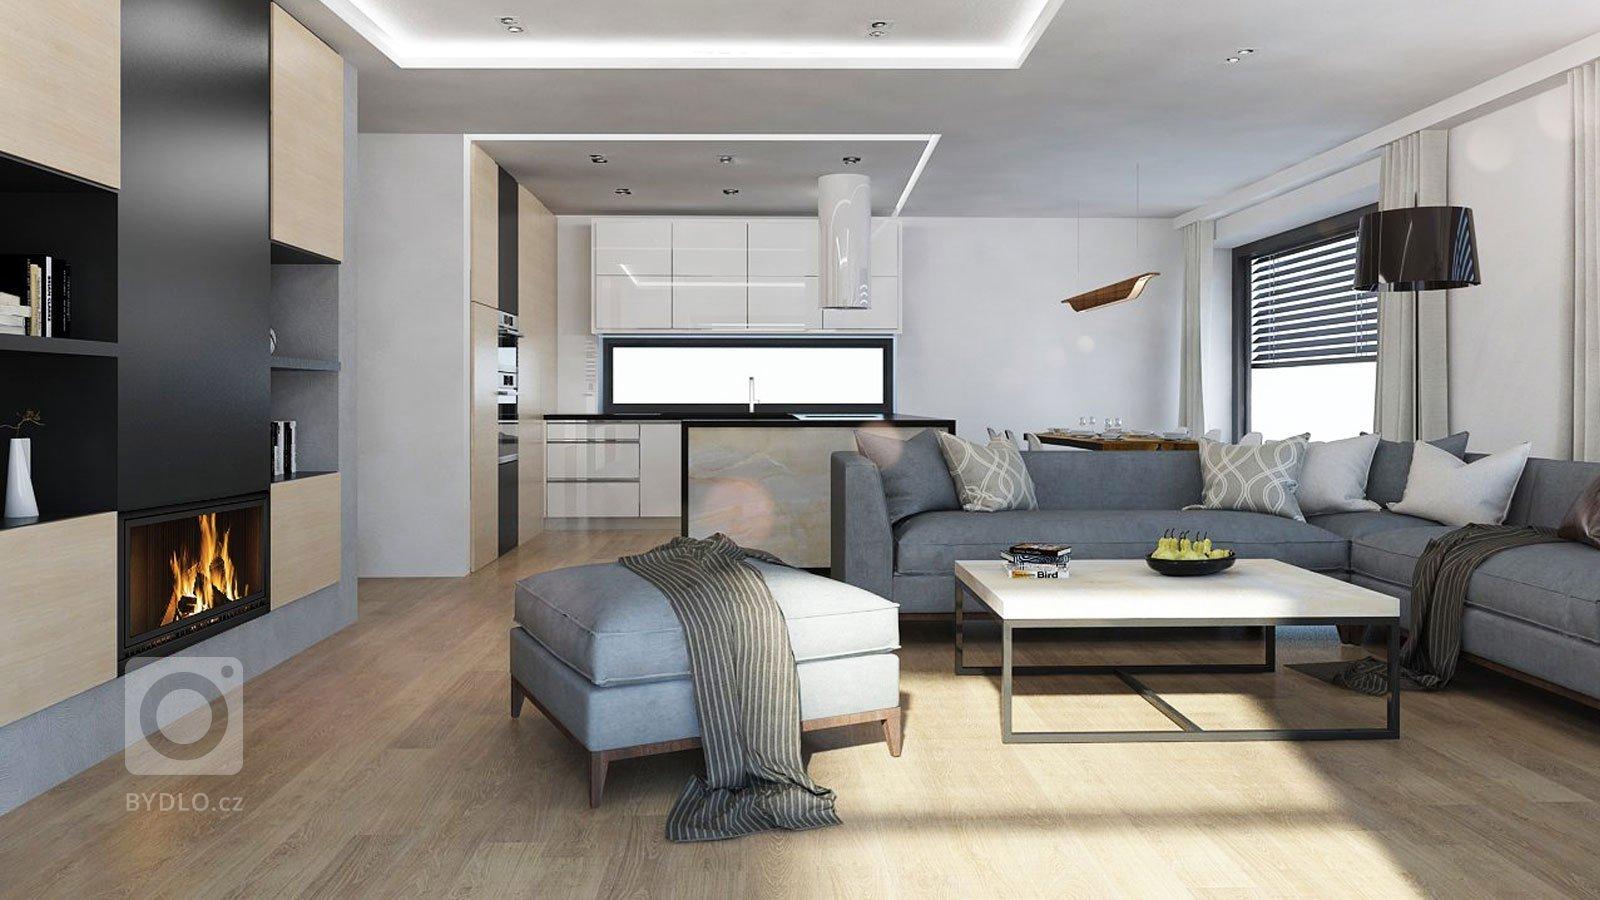 Kompletní návrh obývacího pokoje s kuchyní ajídelnouv novostavbě. Hlavním požadavkem klienta bylozapracováníonyxové stěny do interiéru.…